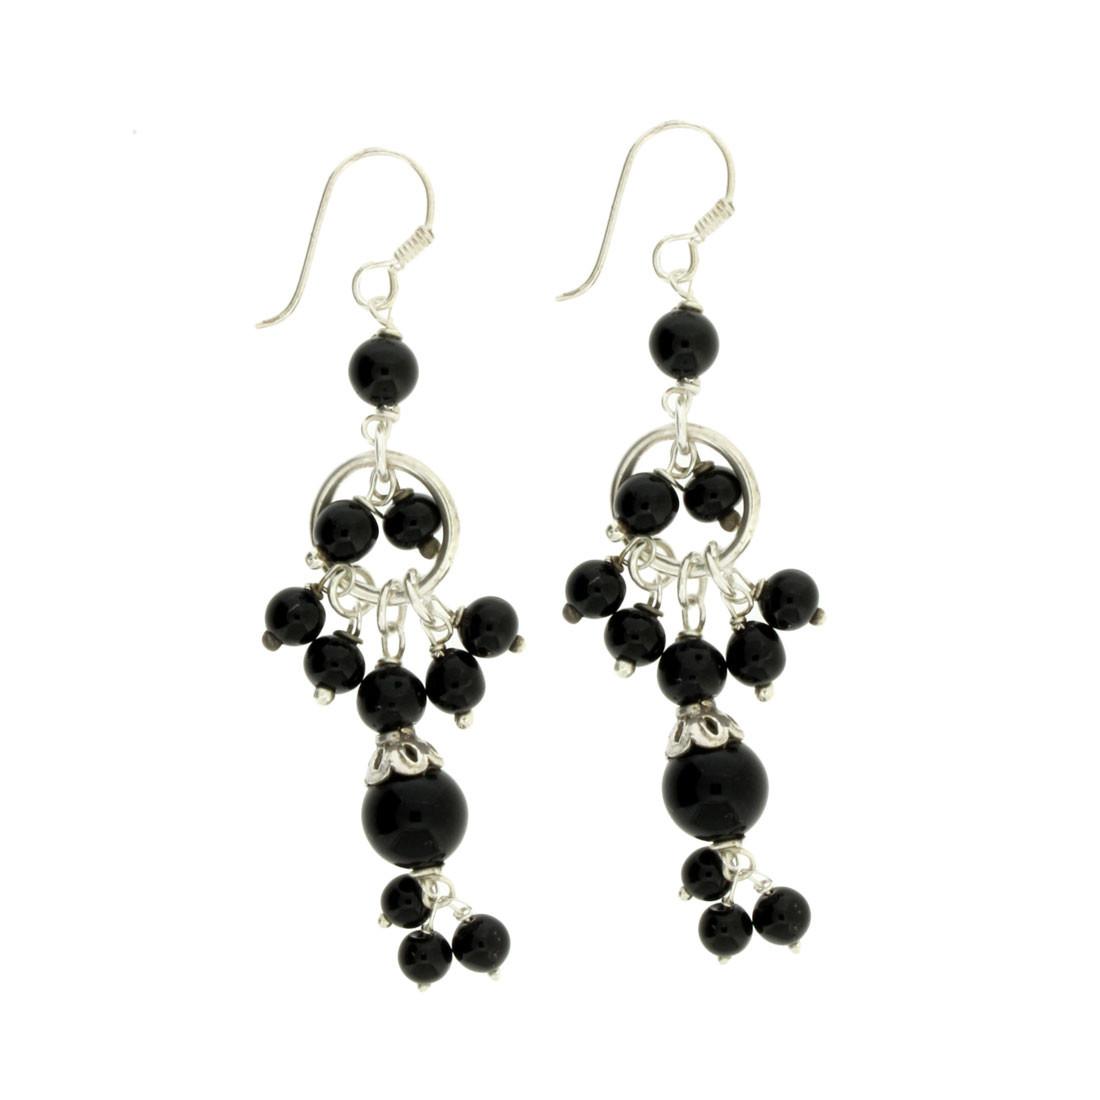 Long Black Onyx Sterling Silver Dangle Earrings